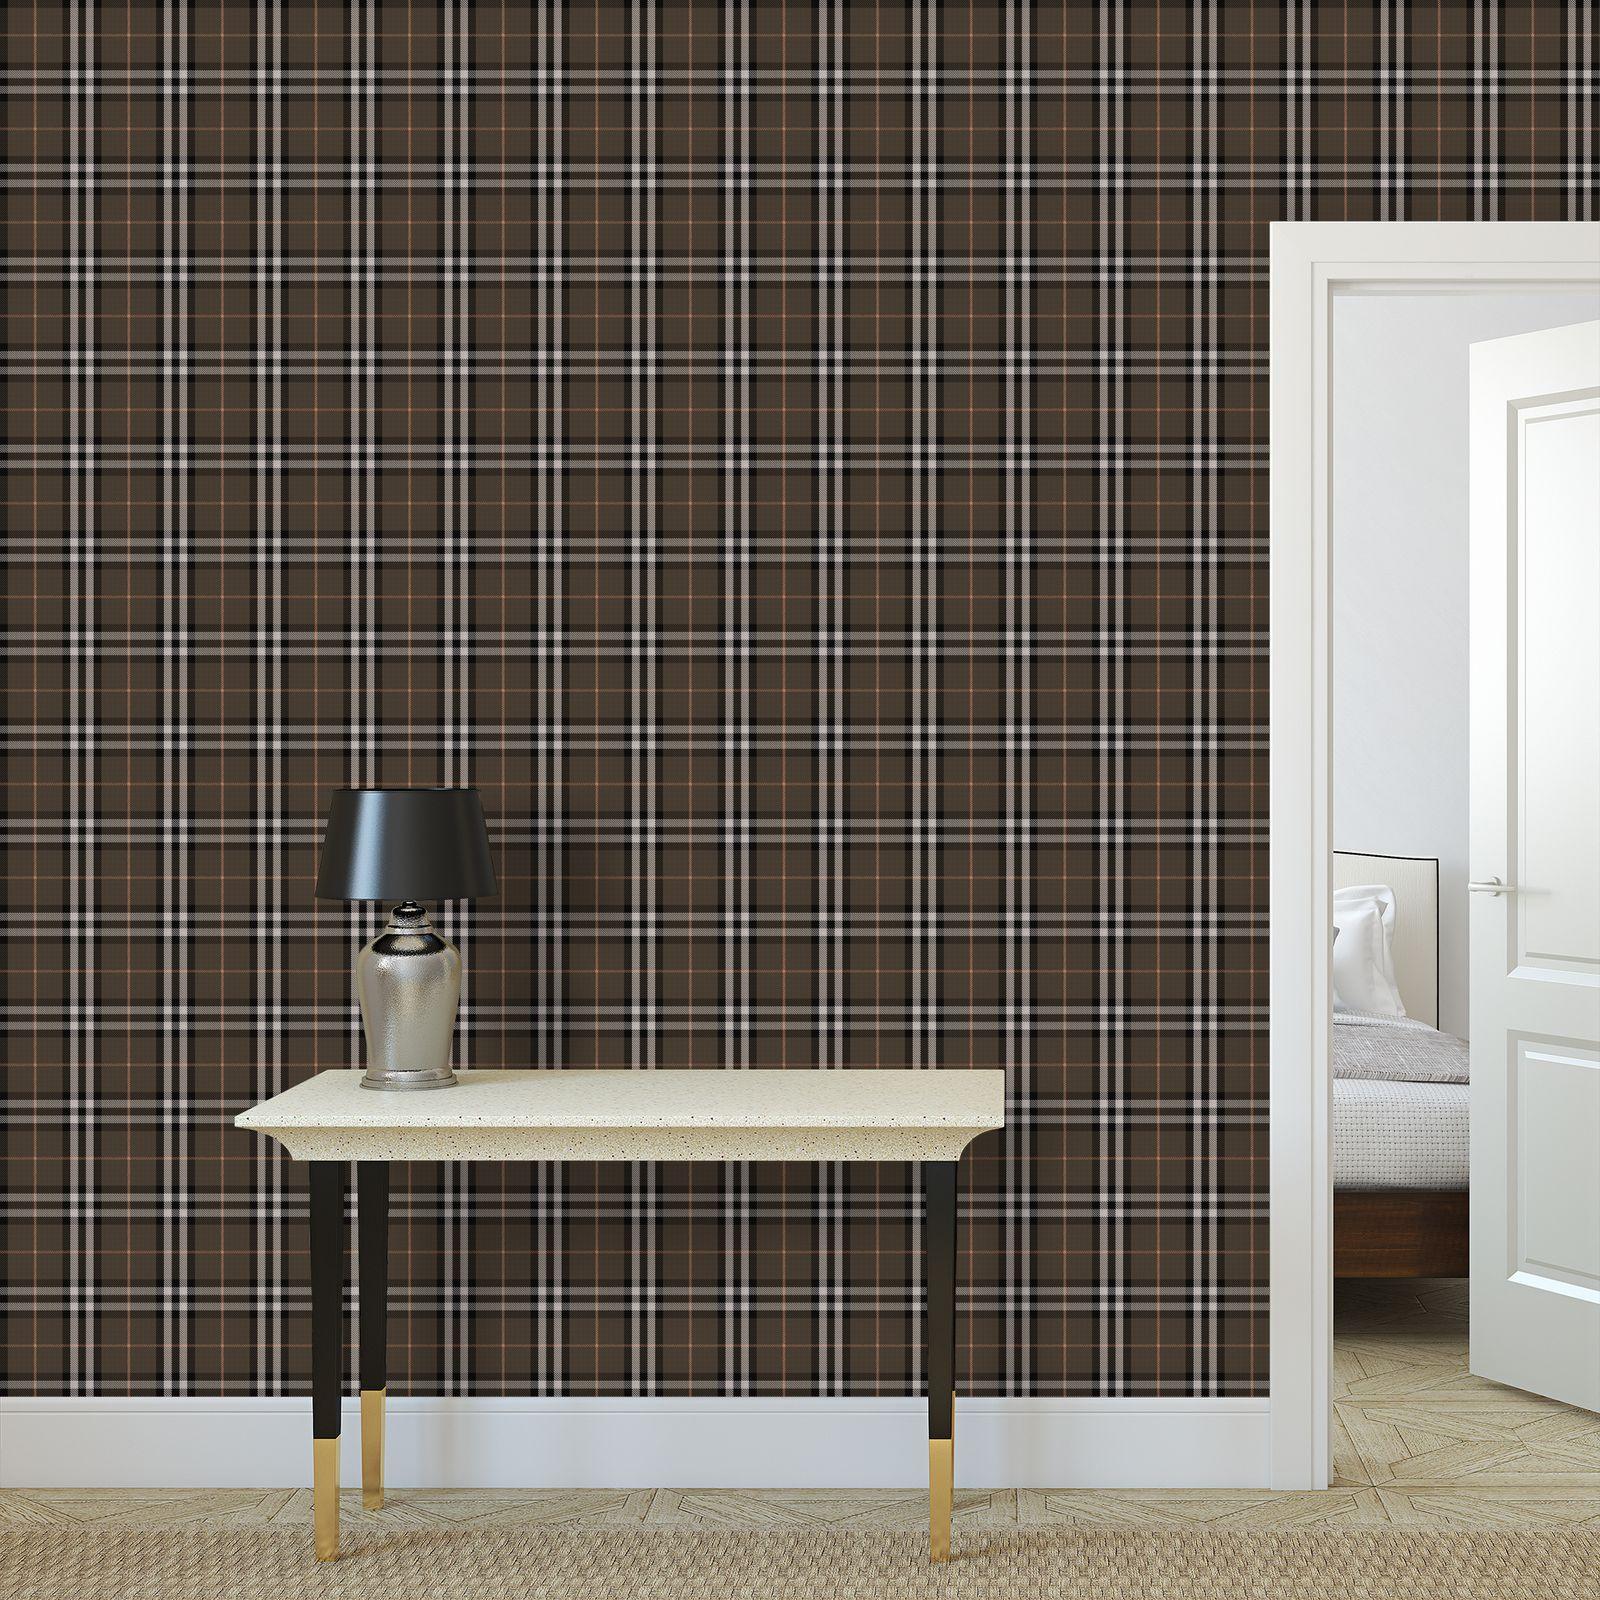 Brown tartan - Wallpaper Rolls - Classic plaid checkered. Tiana Lofd